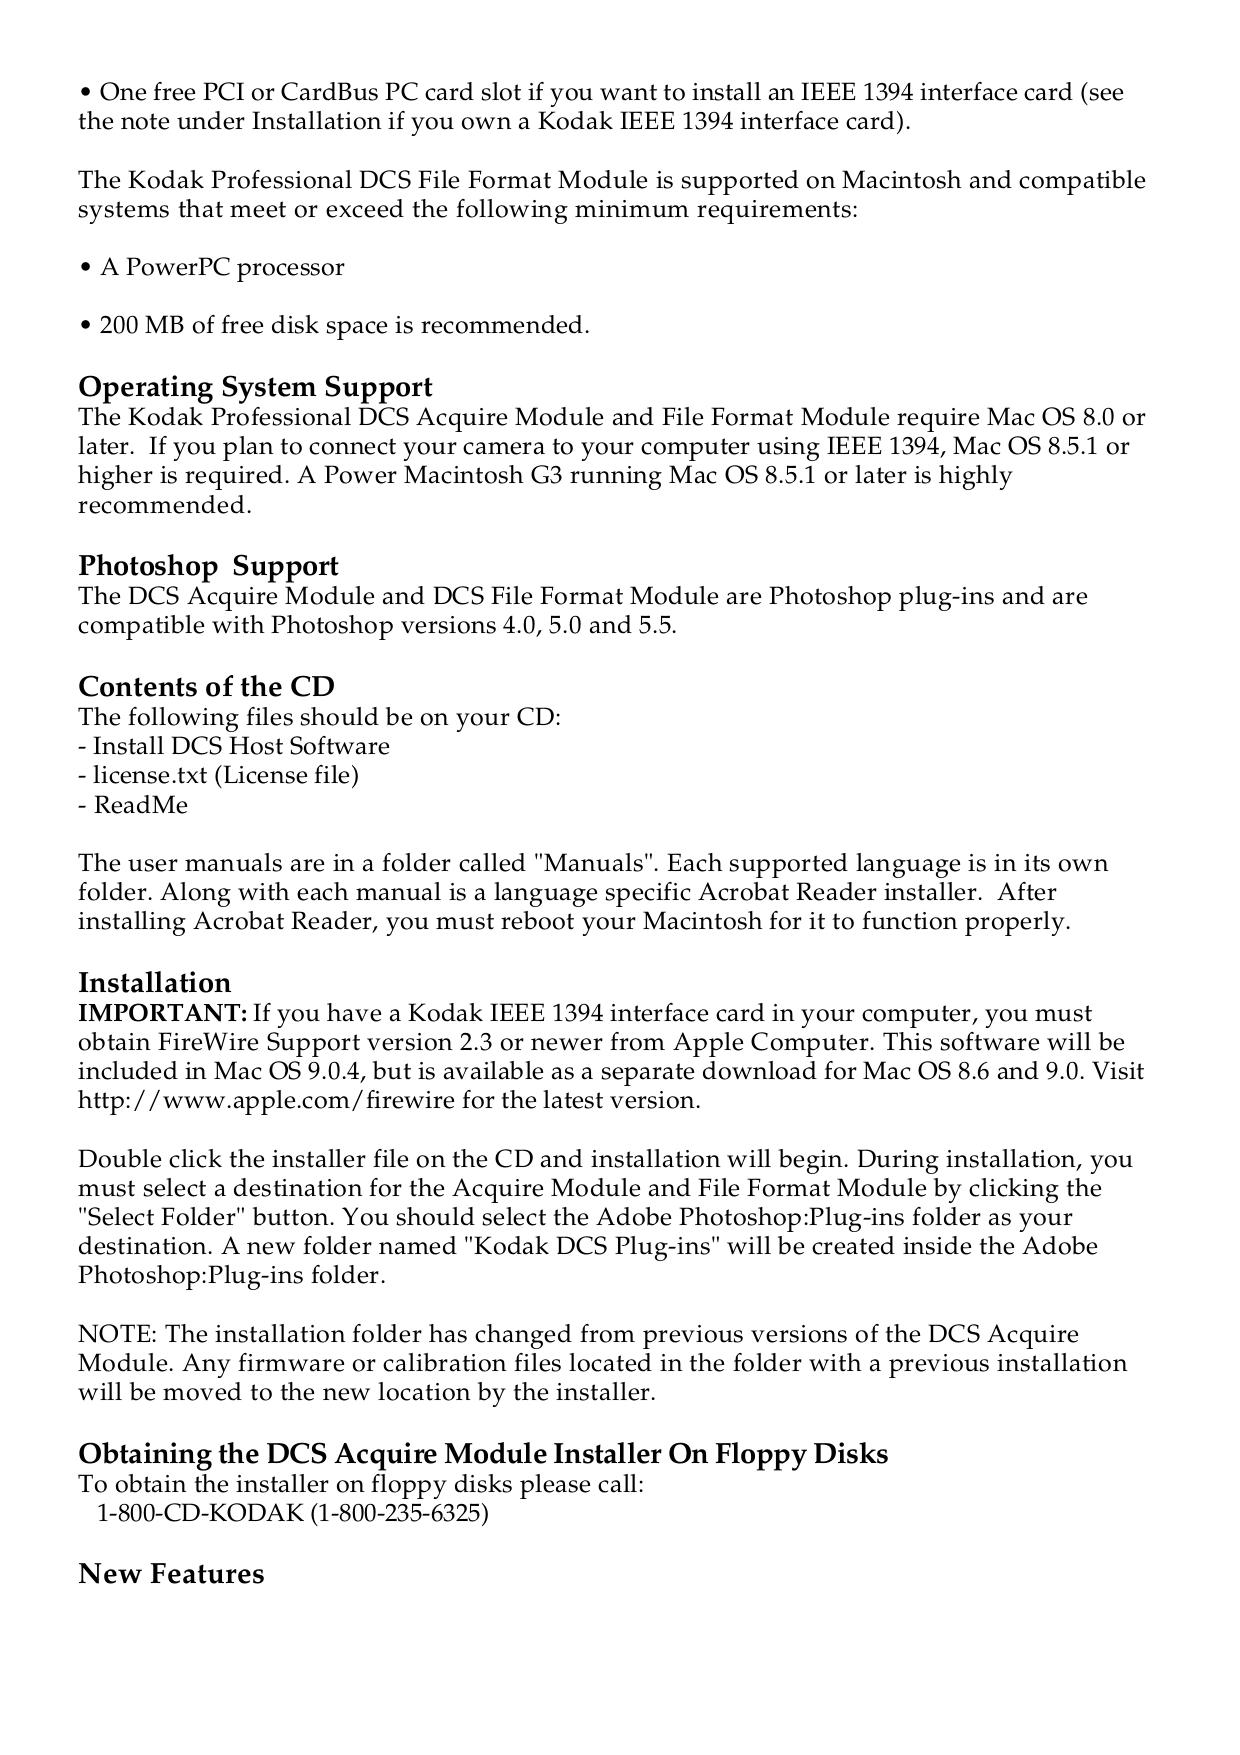 PDF manual for Kodak Digital Camera DCS 420